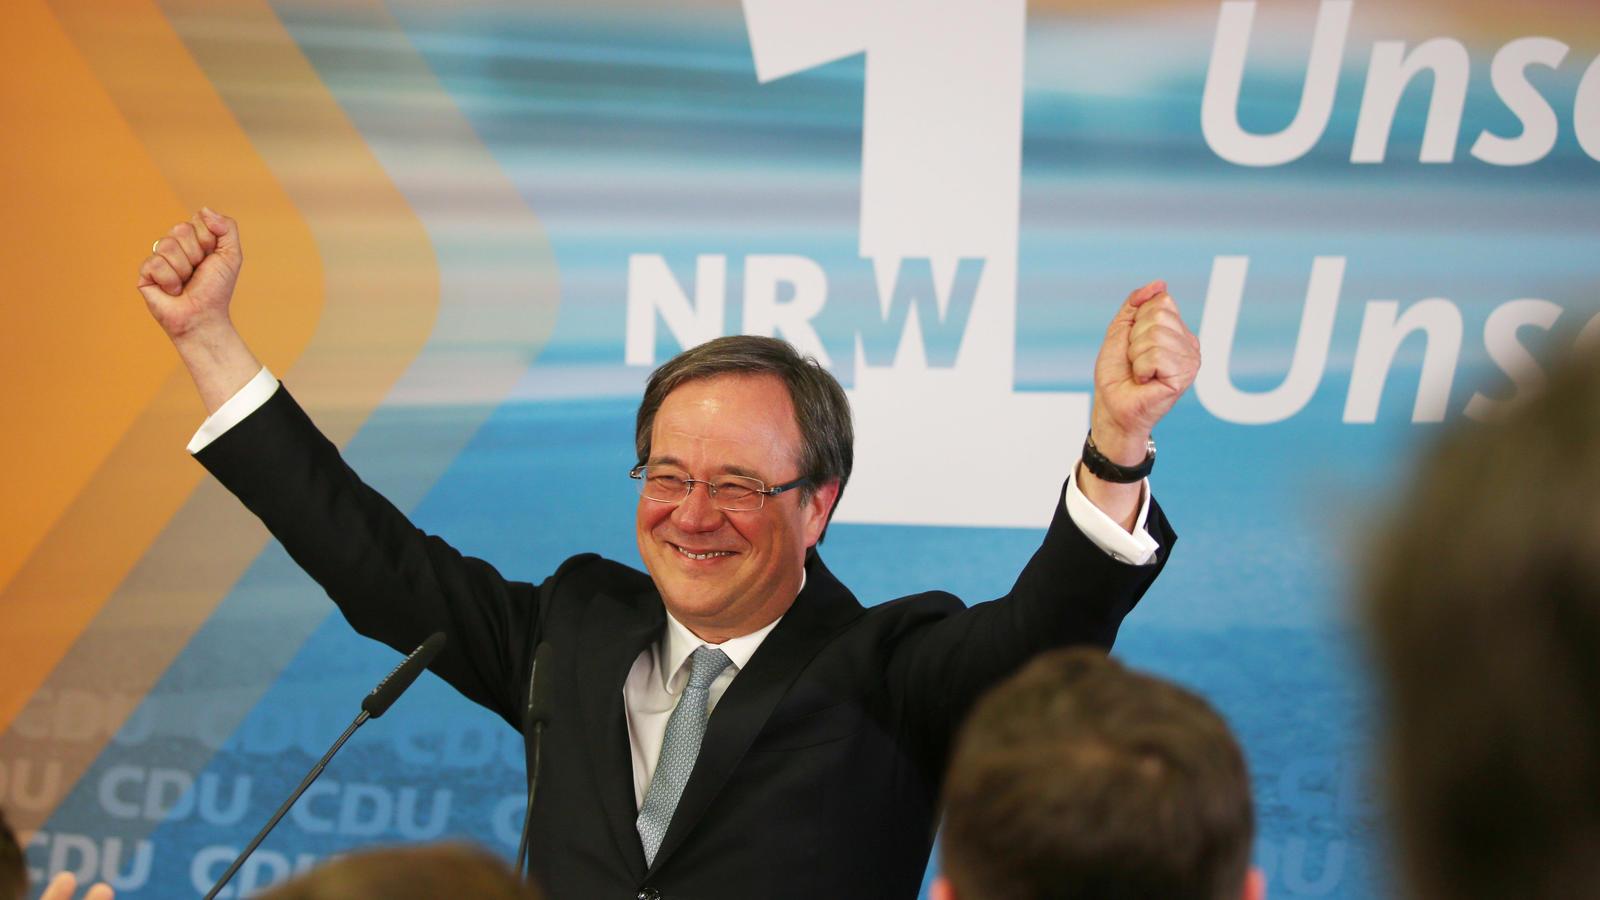 Landtagswahl - SPD-Chef Schulz will Programm für Bundestagswahl konkretisieren